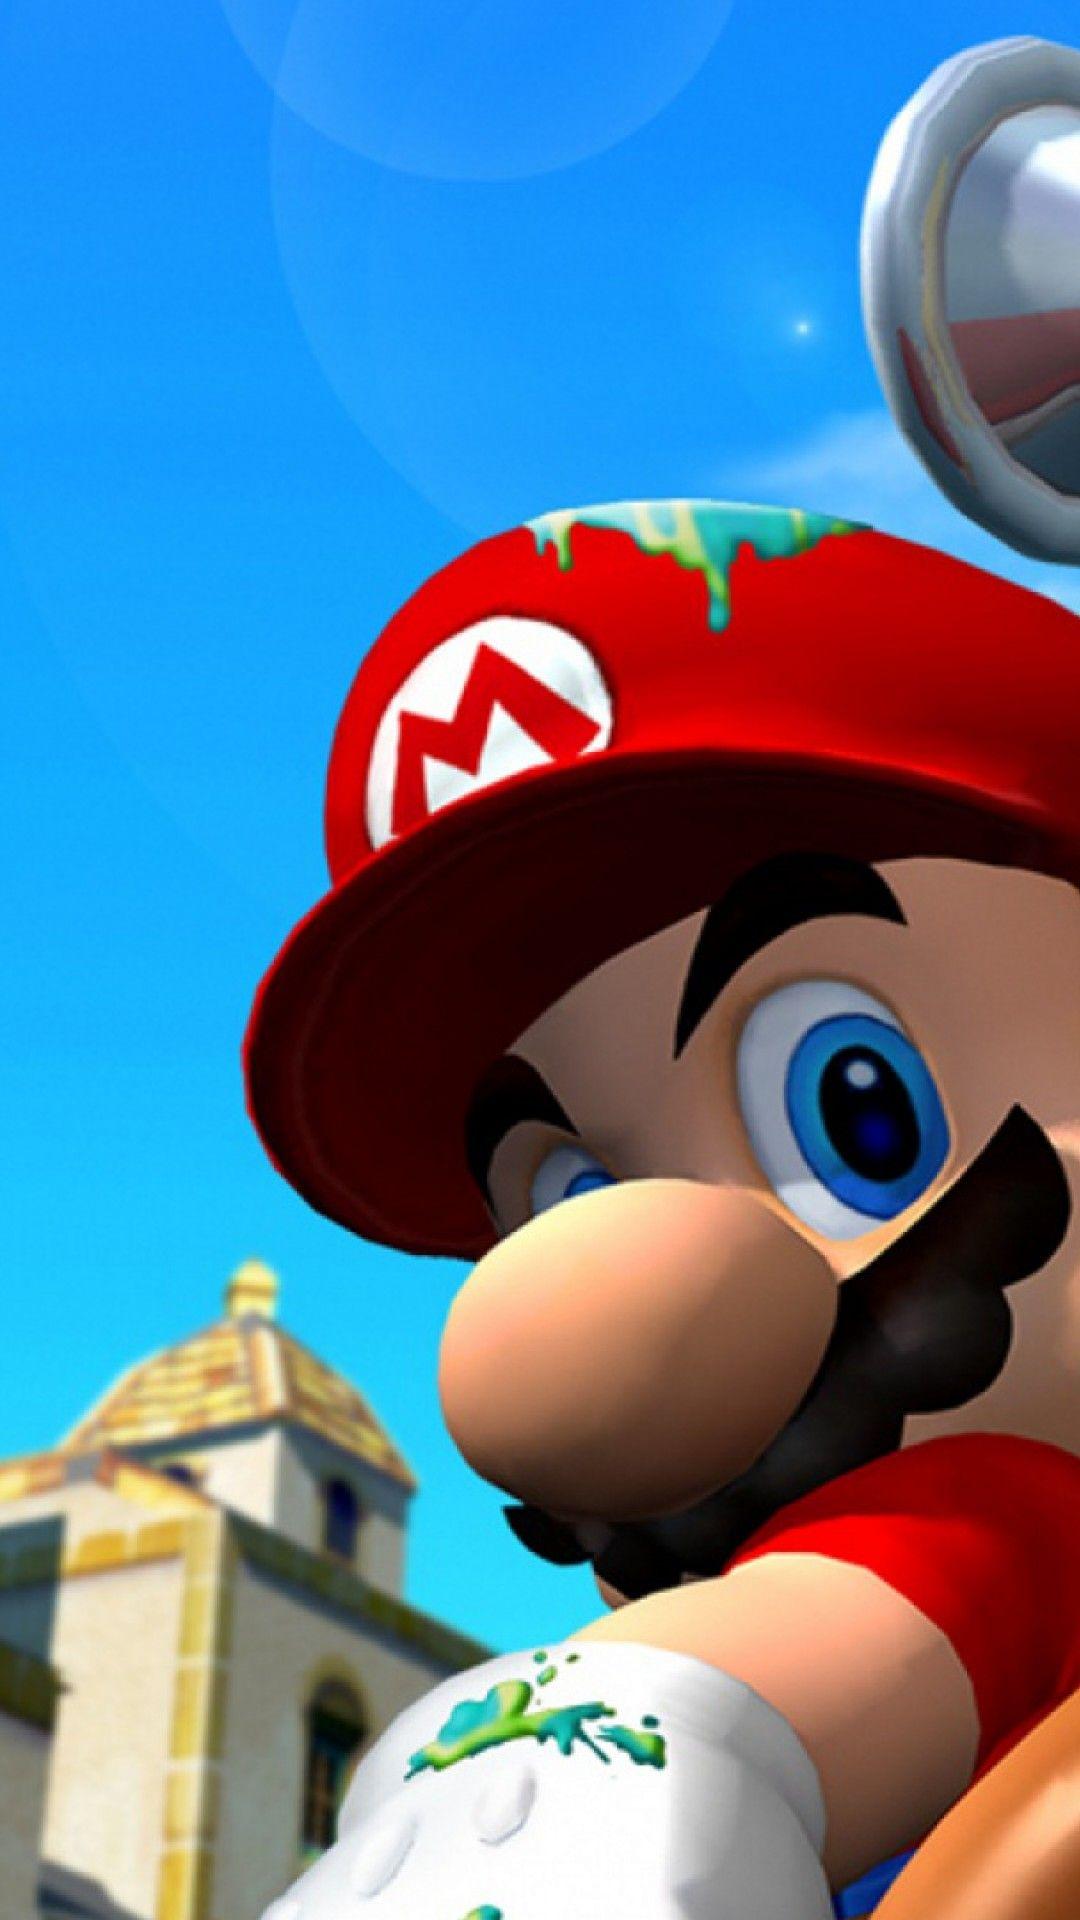 Super Mario Iphone Wallpaper Imagenes Mario Bros Personajes Comic Insignias Militares